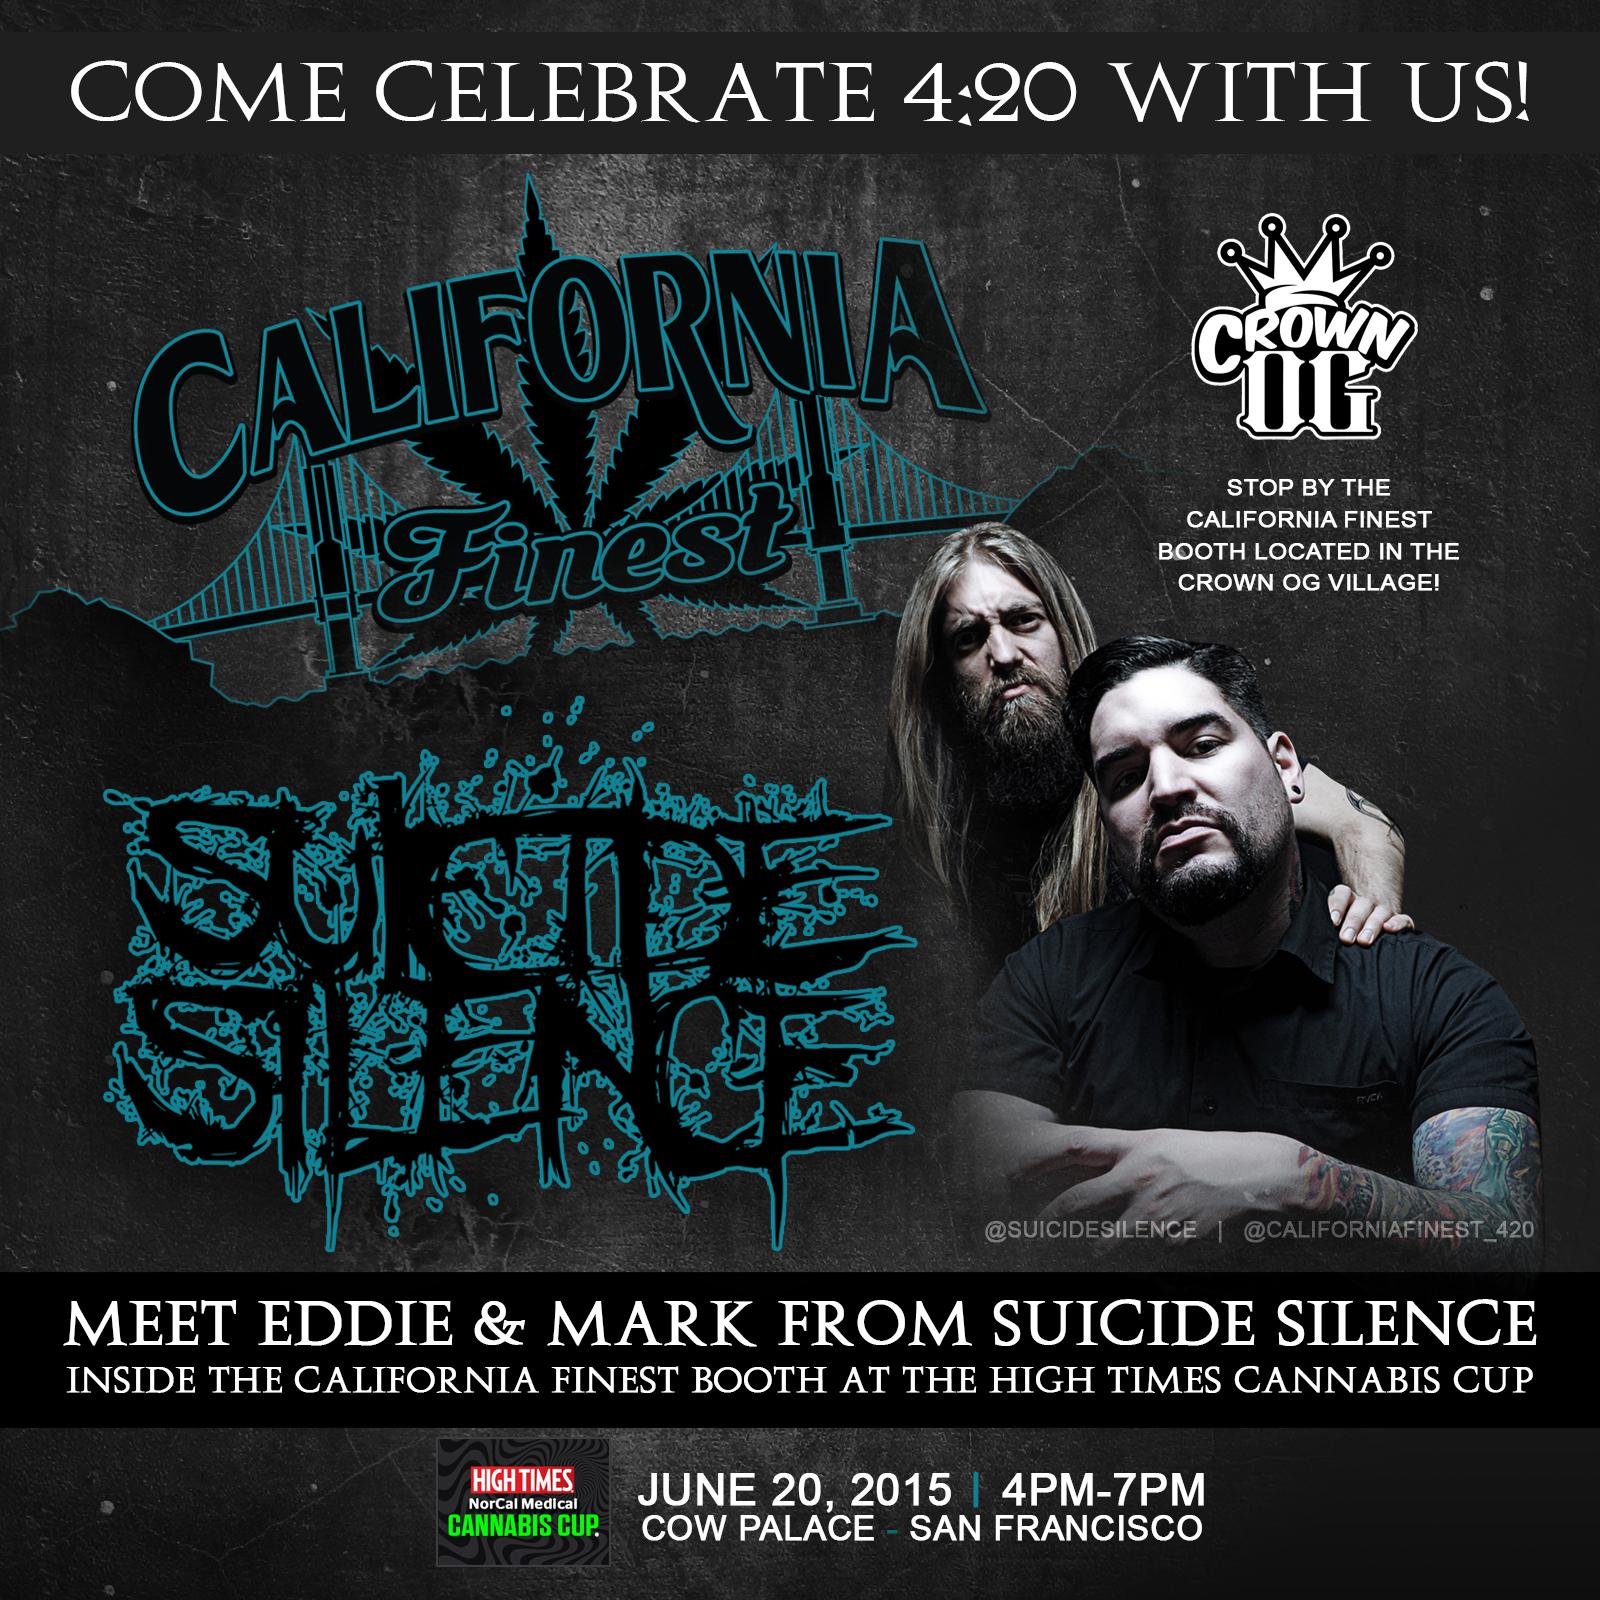 suicide-meet-intagram1.jpg